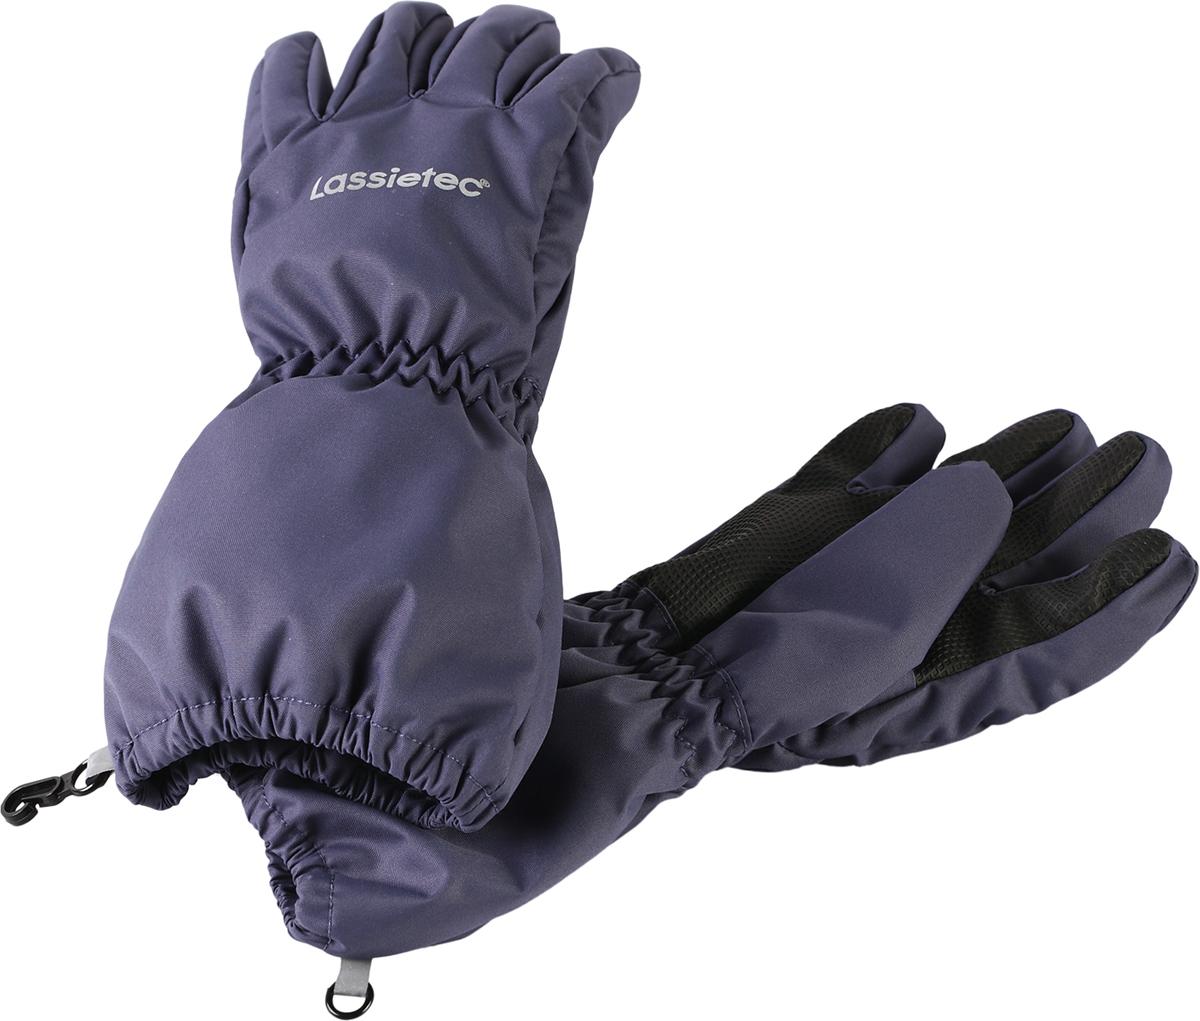 Перчатки детские7277064860Дышащие детские перчатки изготовлены из очень износостойкого и абсолютно водонепроницаемого материала. В них предусмотрена водонепроницаемая мембрана и трикотажная подкладка из полиэстера с начесом. Усиления на ладони, кончиках пальцев и на большом пальце позволяют крепко держать в руках разные сокровища, найденные во время весенних приключений на природе, а еще хорошо согревают ручки. Сверху снабжены светоотражающим элементом.